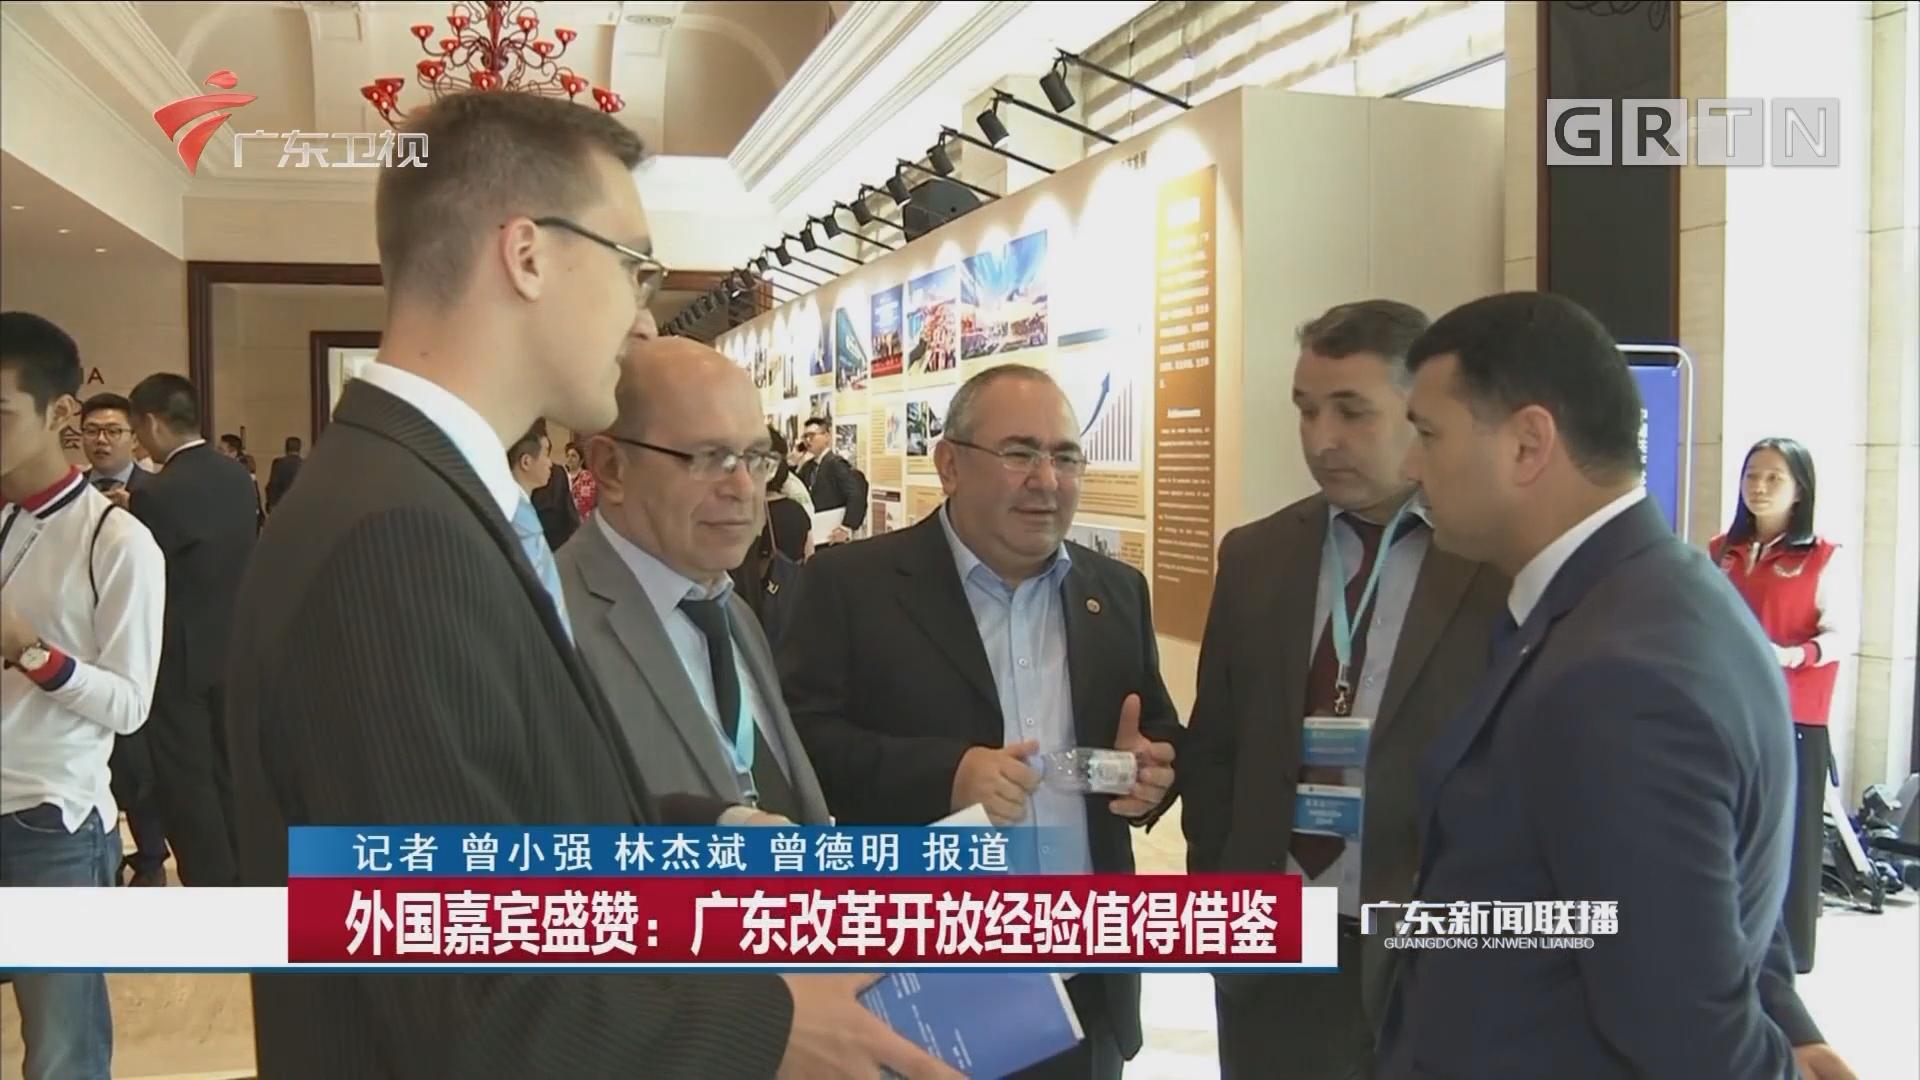 外国嘉宾盛赞:广东改革开放经验值得借鉴